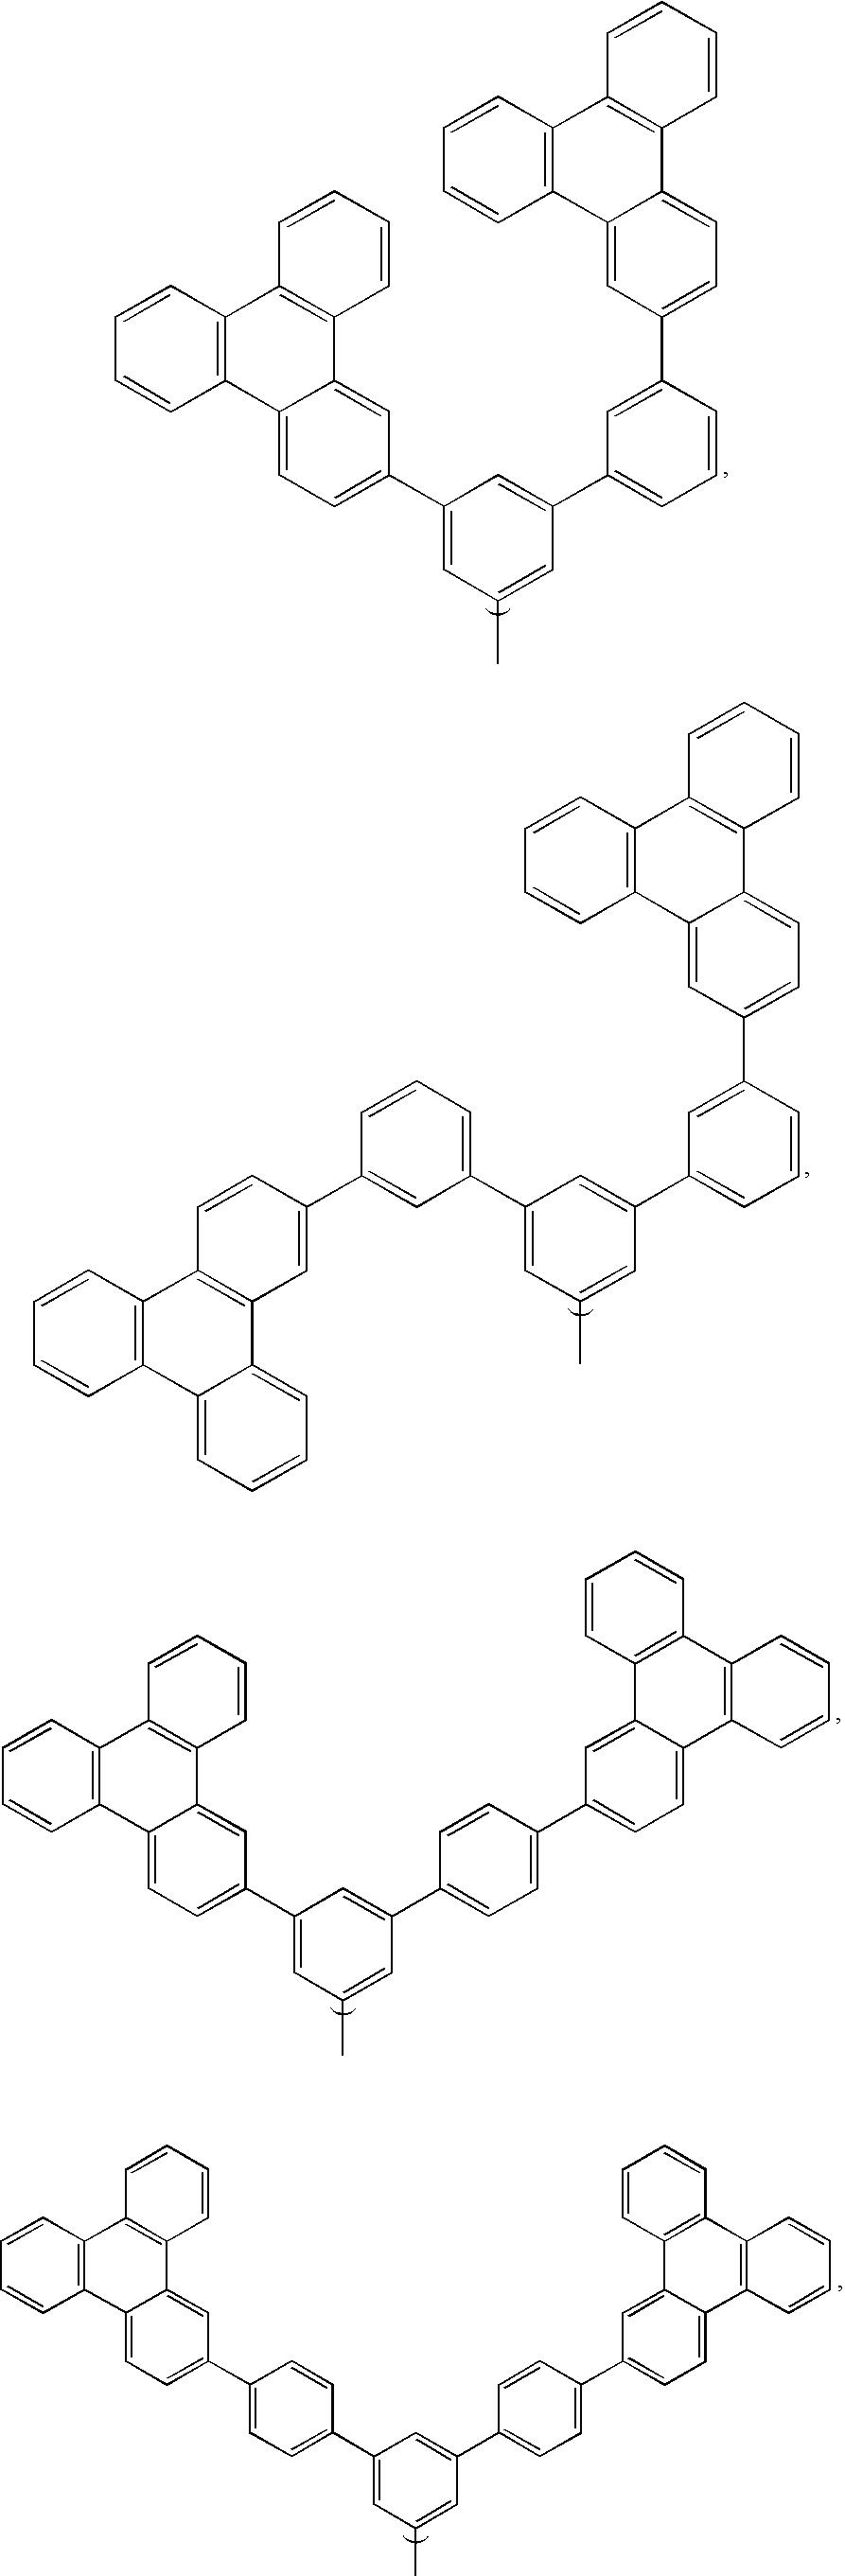 Figure US20080280163A1-20081113-C00008